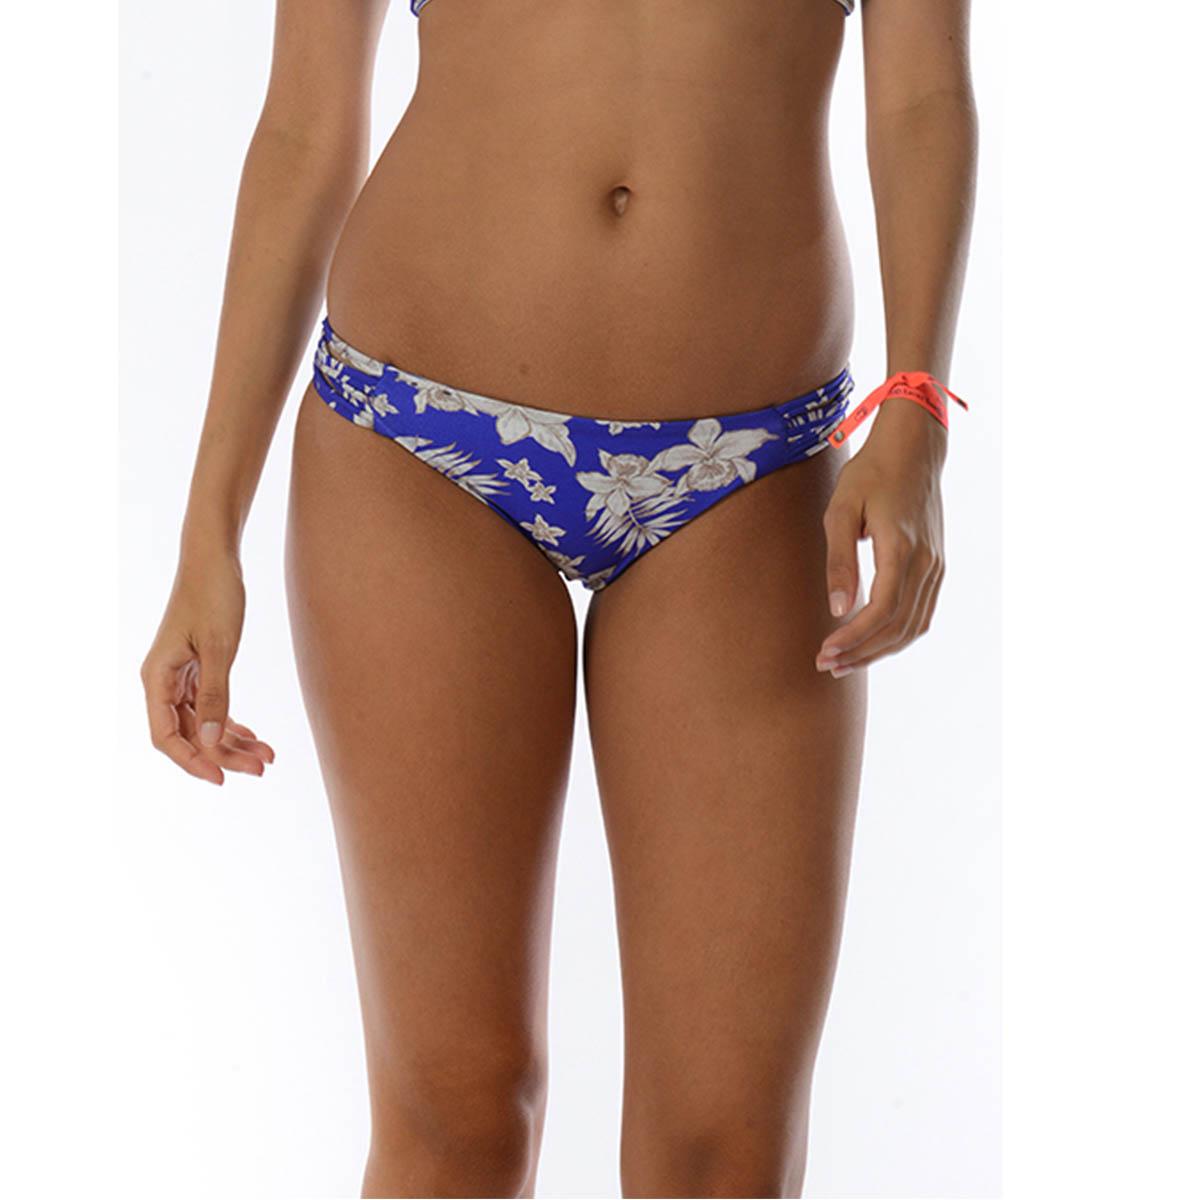 Teens - Maillot de bain culotte bleue Racer (Bas)